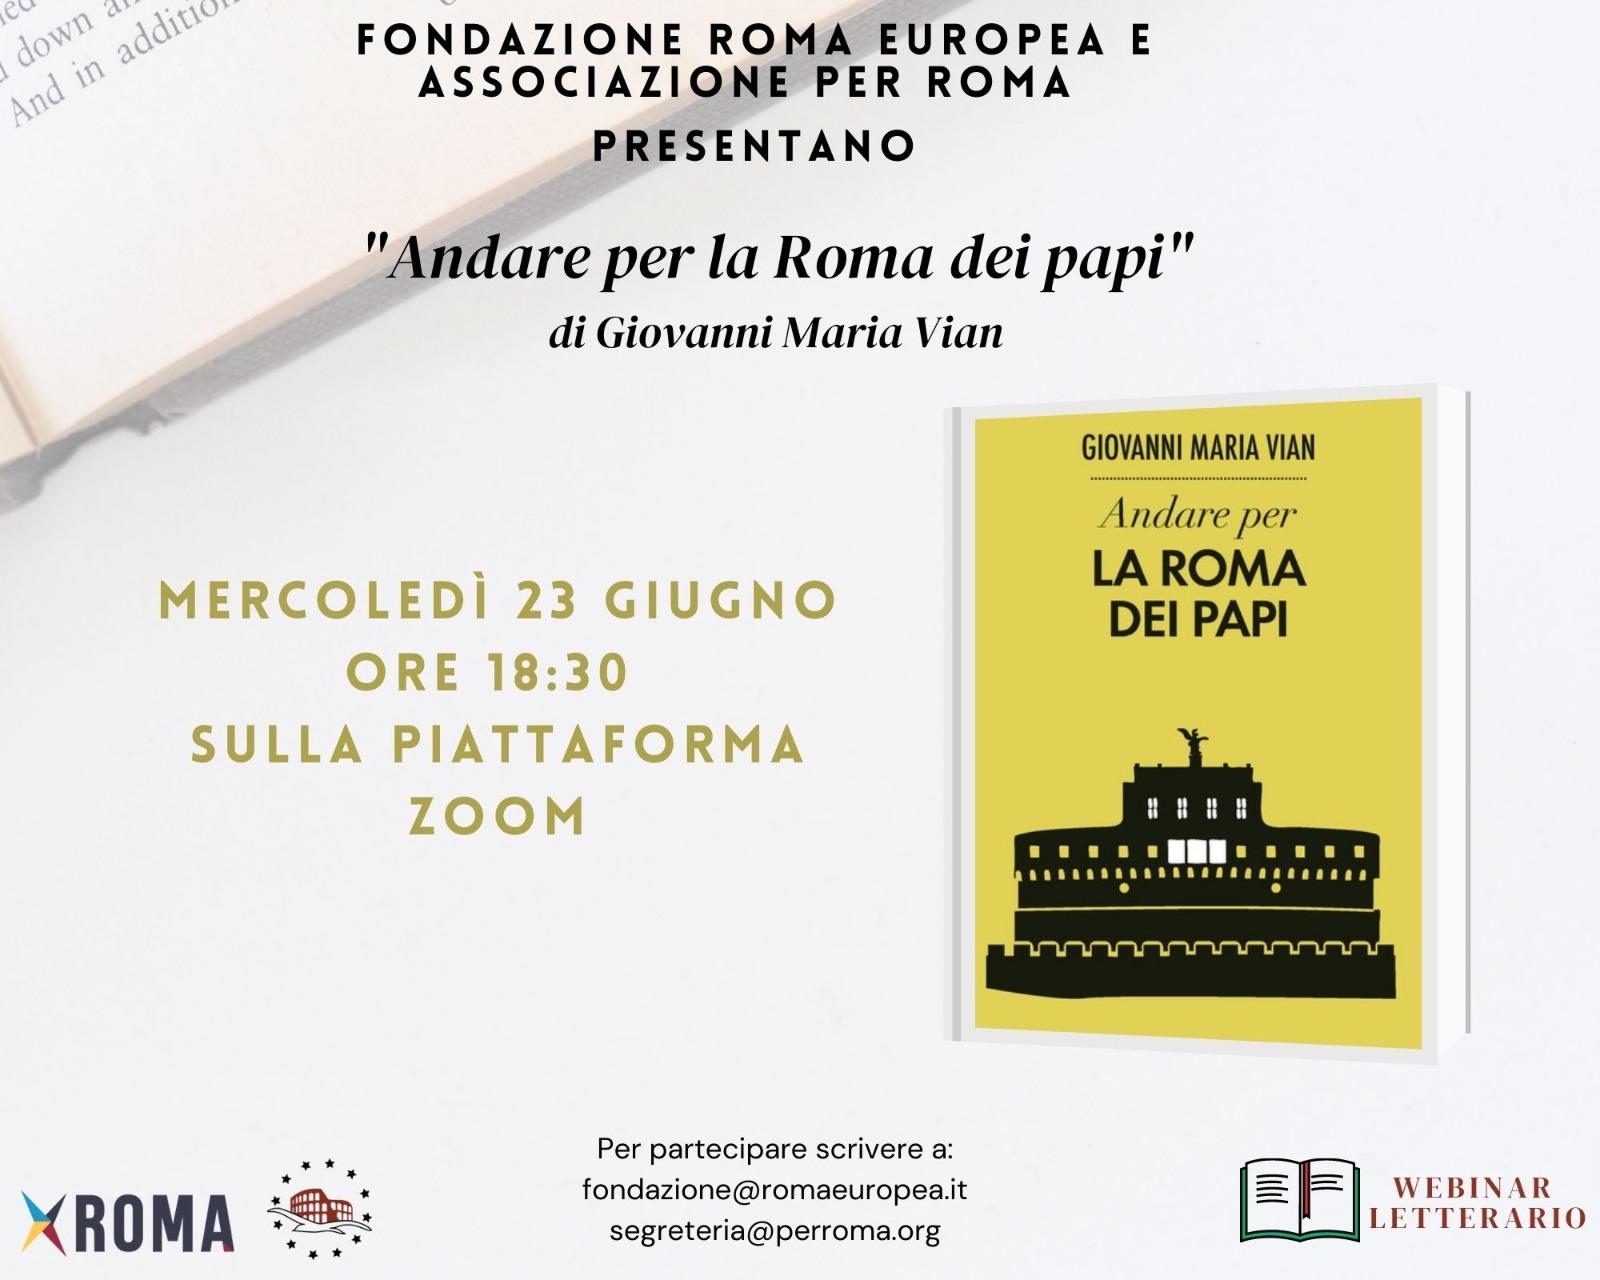 Webinar Letterario – Andare per la Roma dei Papi